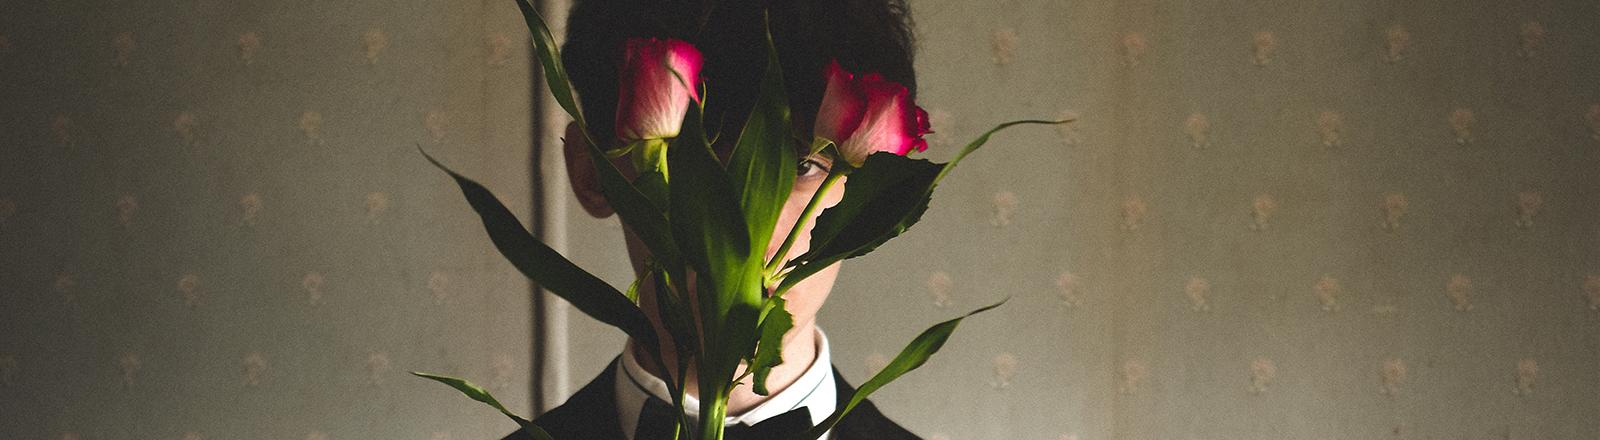 Mann versteckt sich hinter Rosenstrauß.